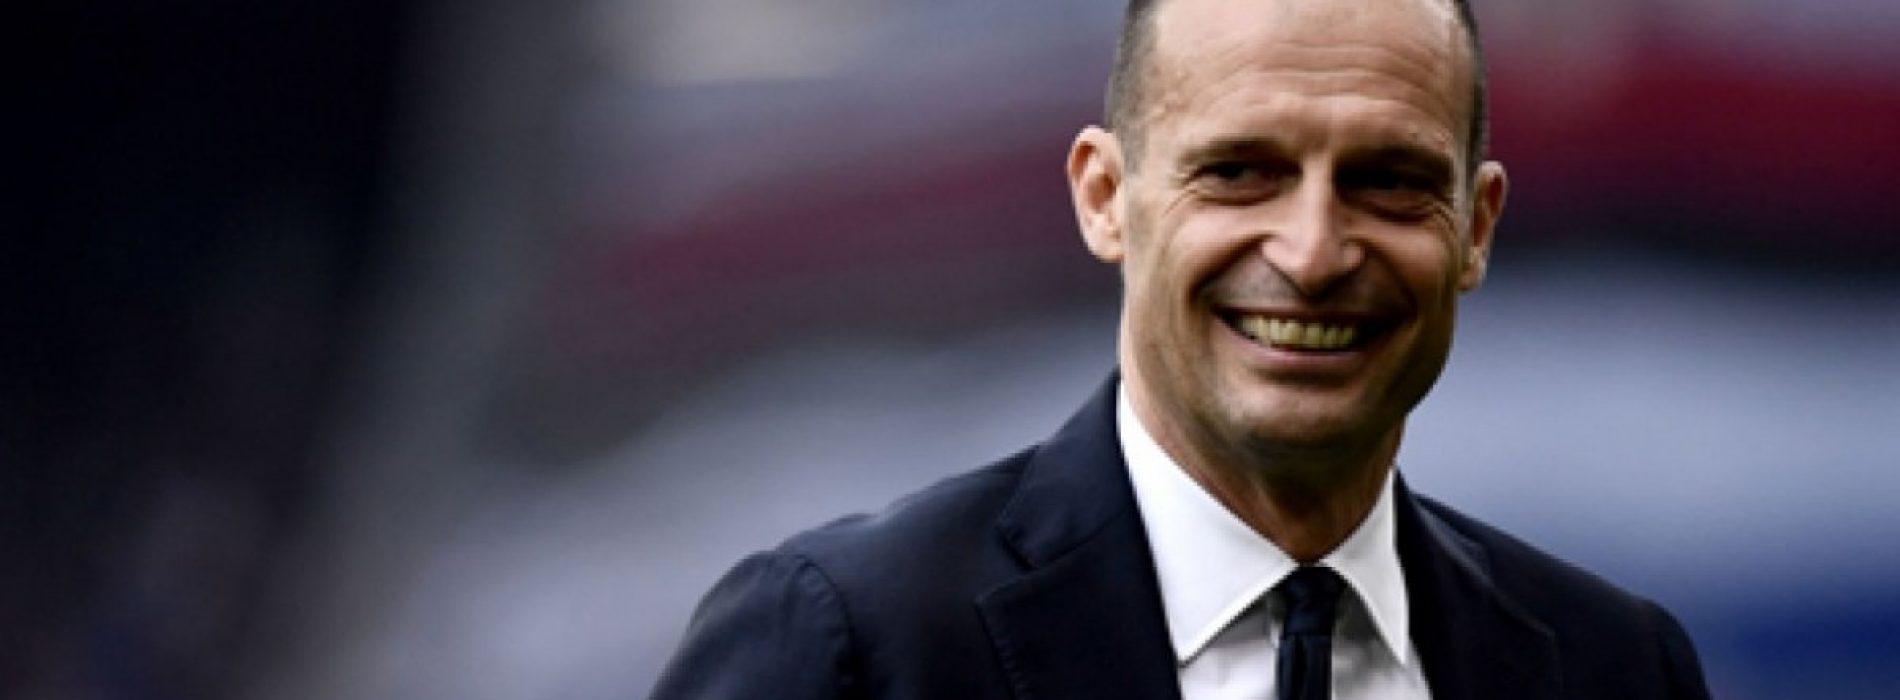 Roma Allegri futuro allenatore? L'indiscrezione arriva dalla Spagna